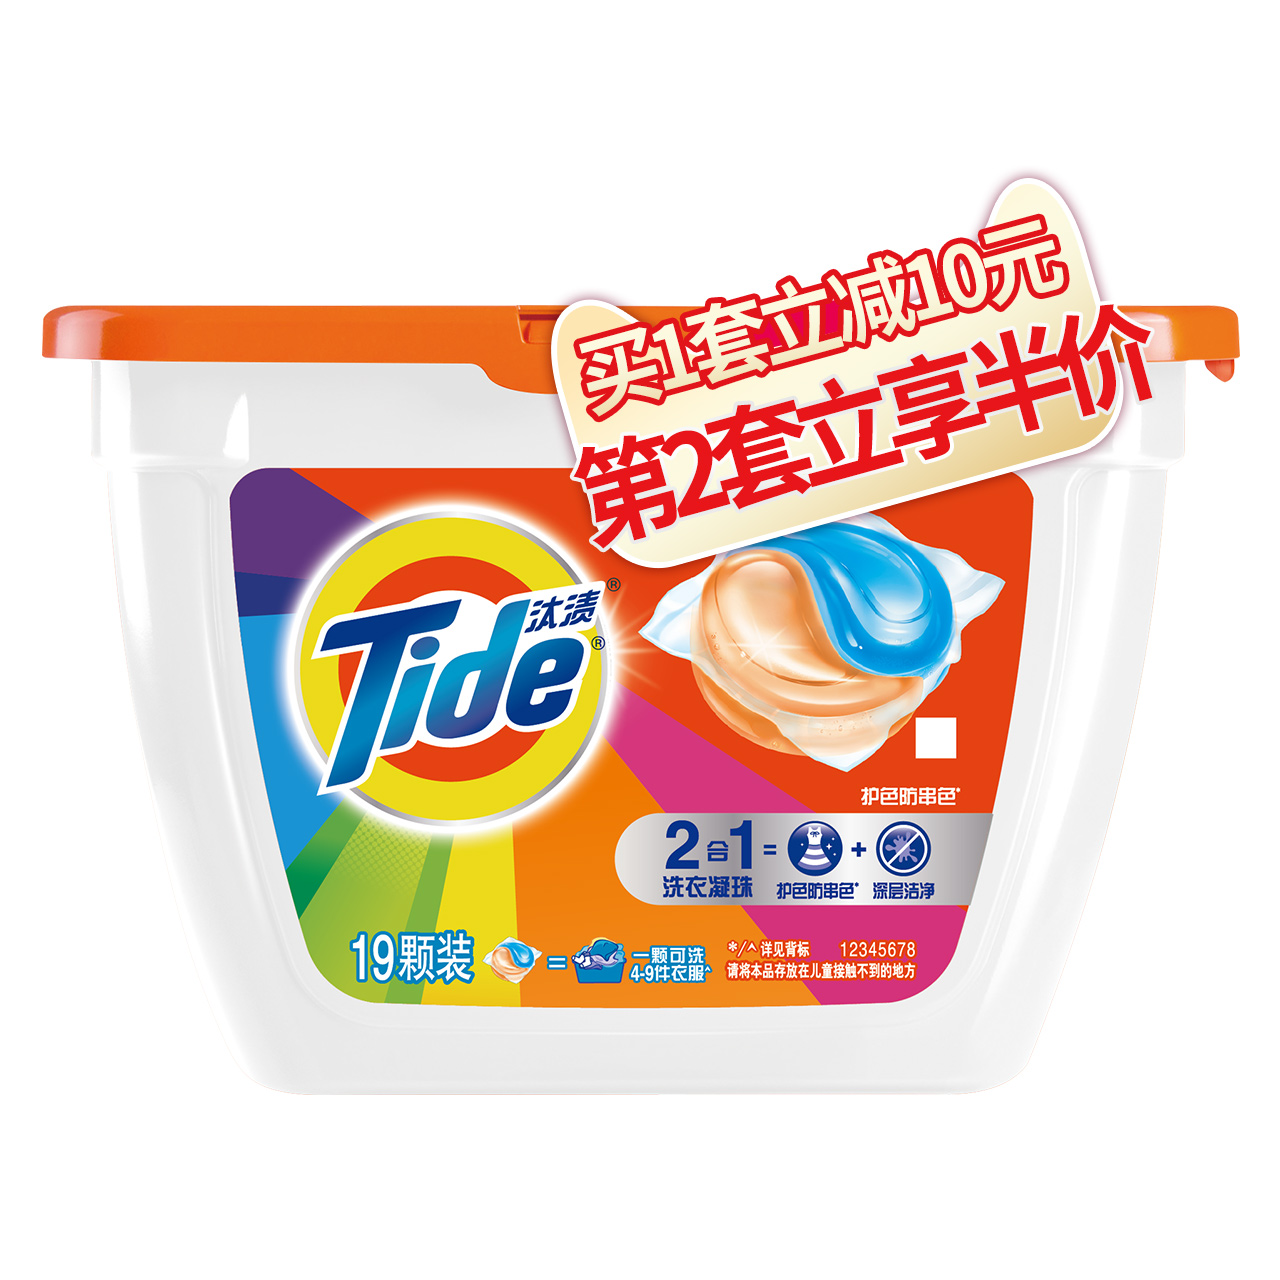 宝洁汰渍洗衣球护衣护色防串色洗衣球凝珠19颗单盒装浓缩洗衣液